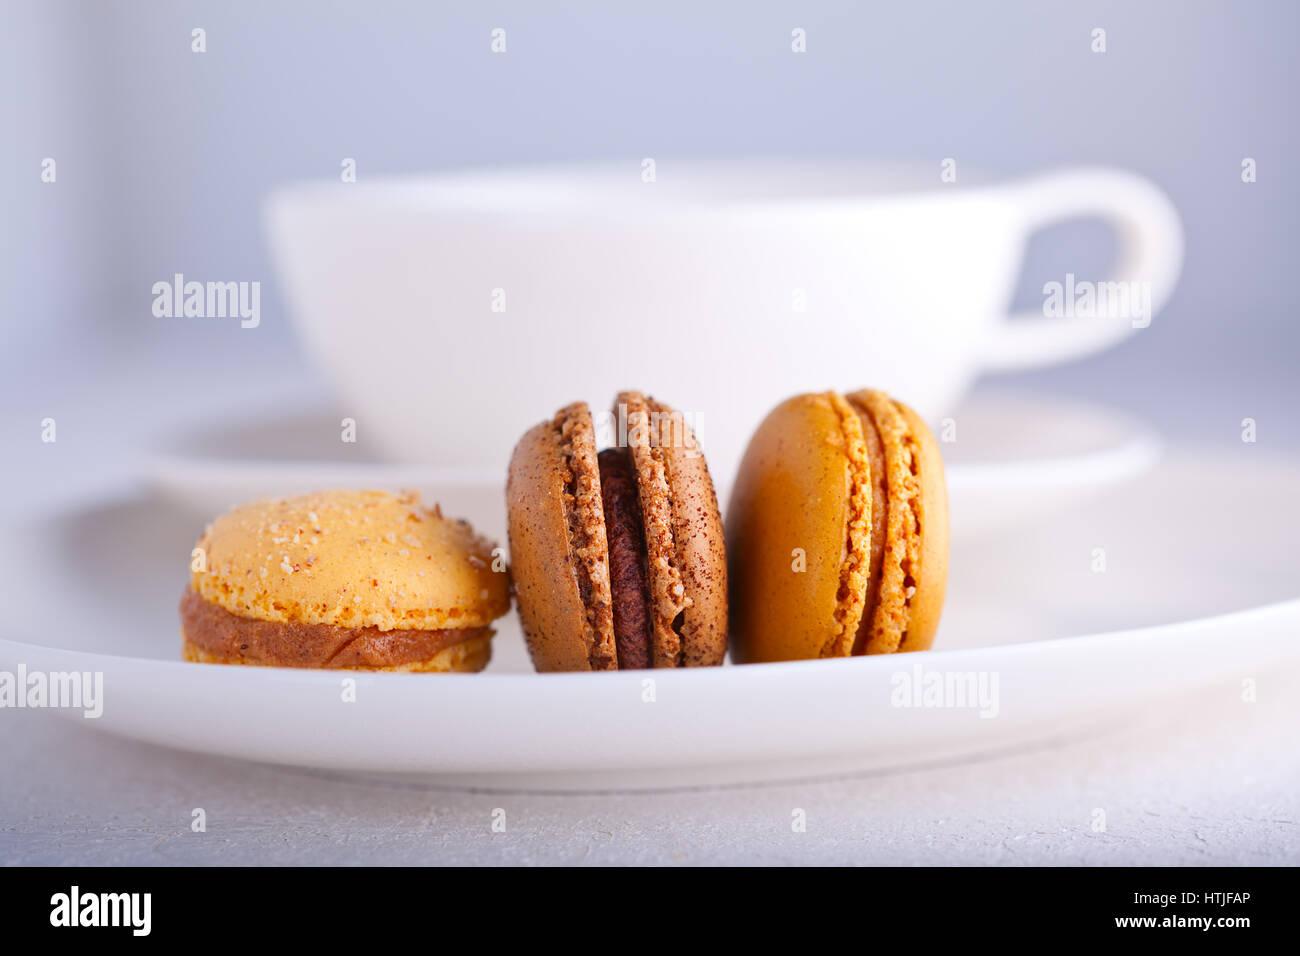 Biscuits aux amandes macarons français avec une tasse de thé Photo Stock